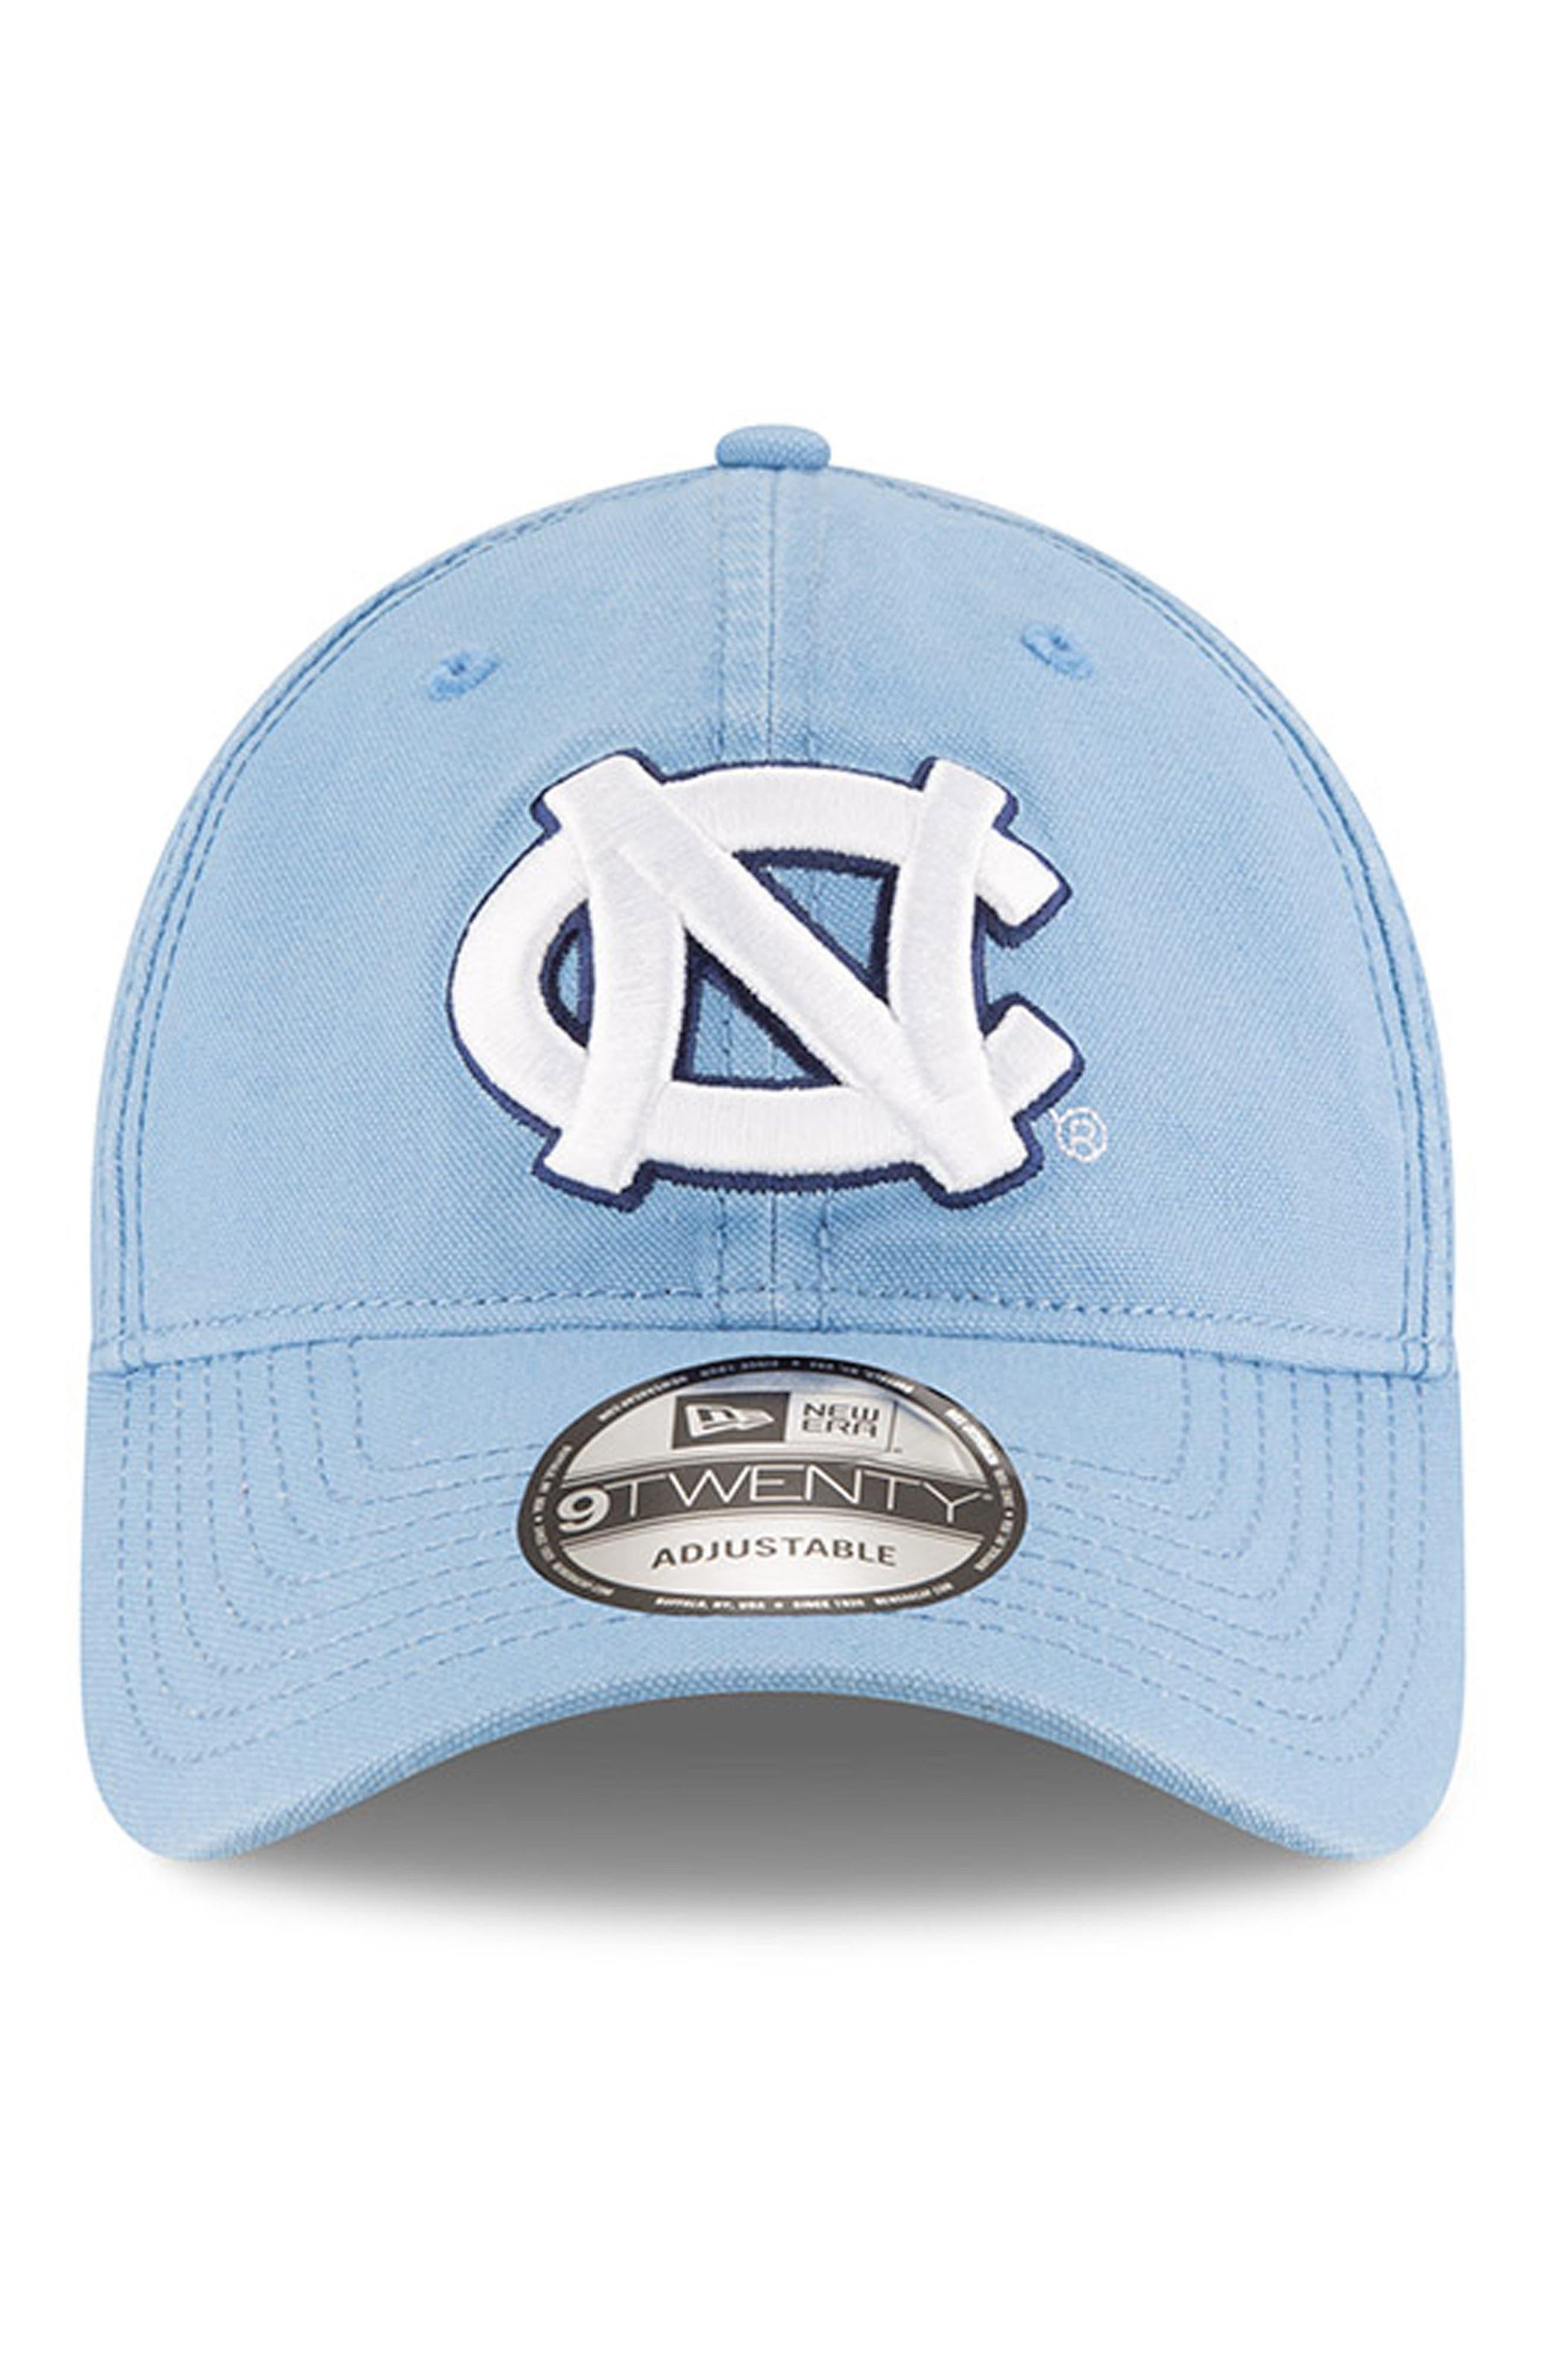 New Era Collegiate Core Classic - North Carolina Tar Heels Baseball Cap,                             Alternate thumbnail 5, color,                             North Carolina Tar Heels